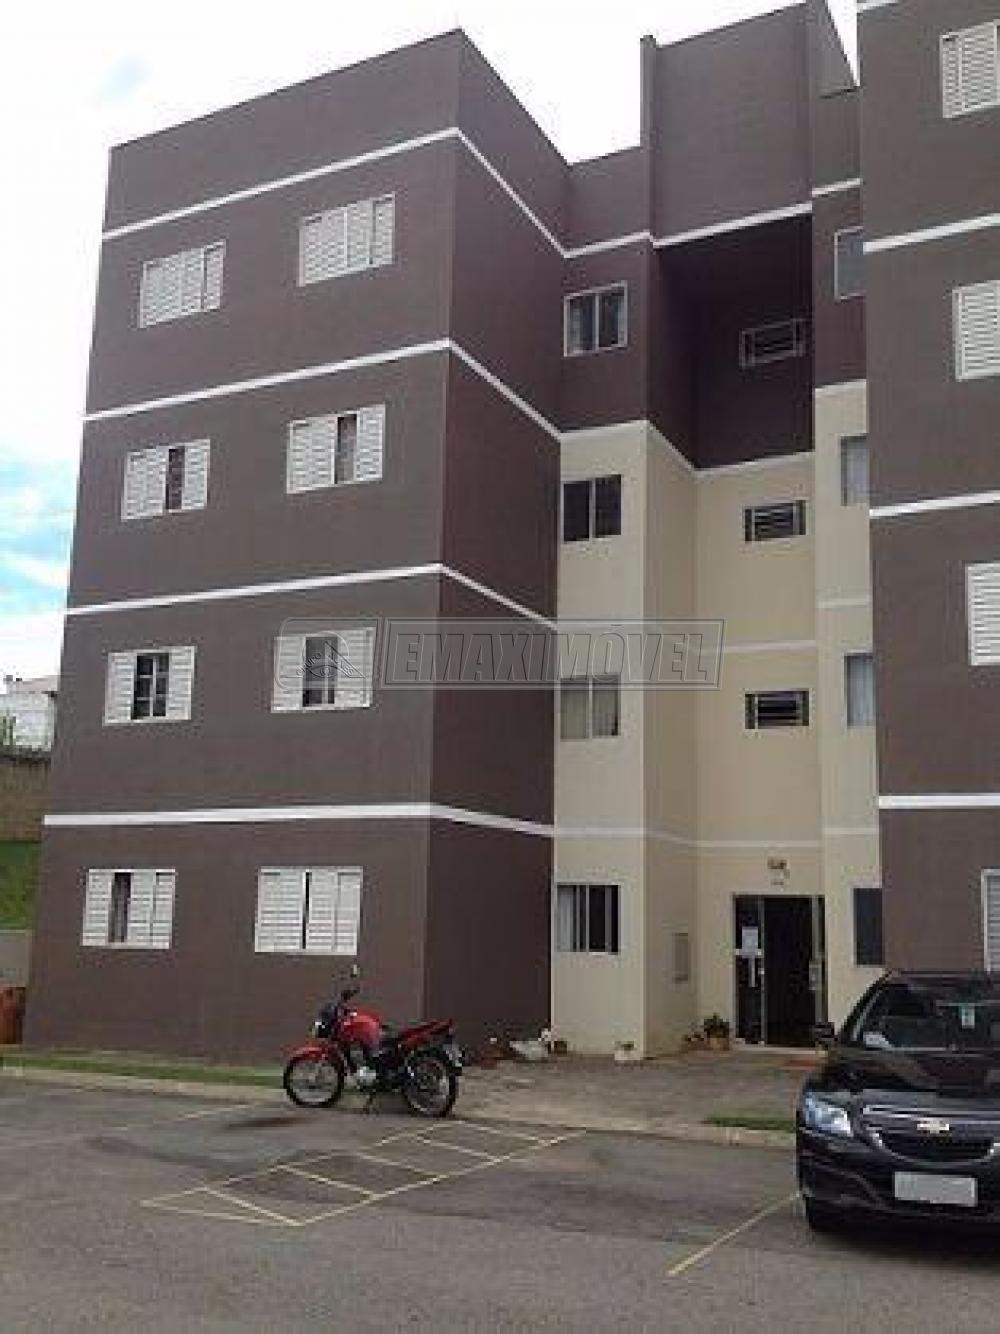 Comprar Apartamentos / Apto Padrão em Sorocaba apenas R$ 125.000,00 - Foto 1